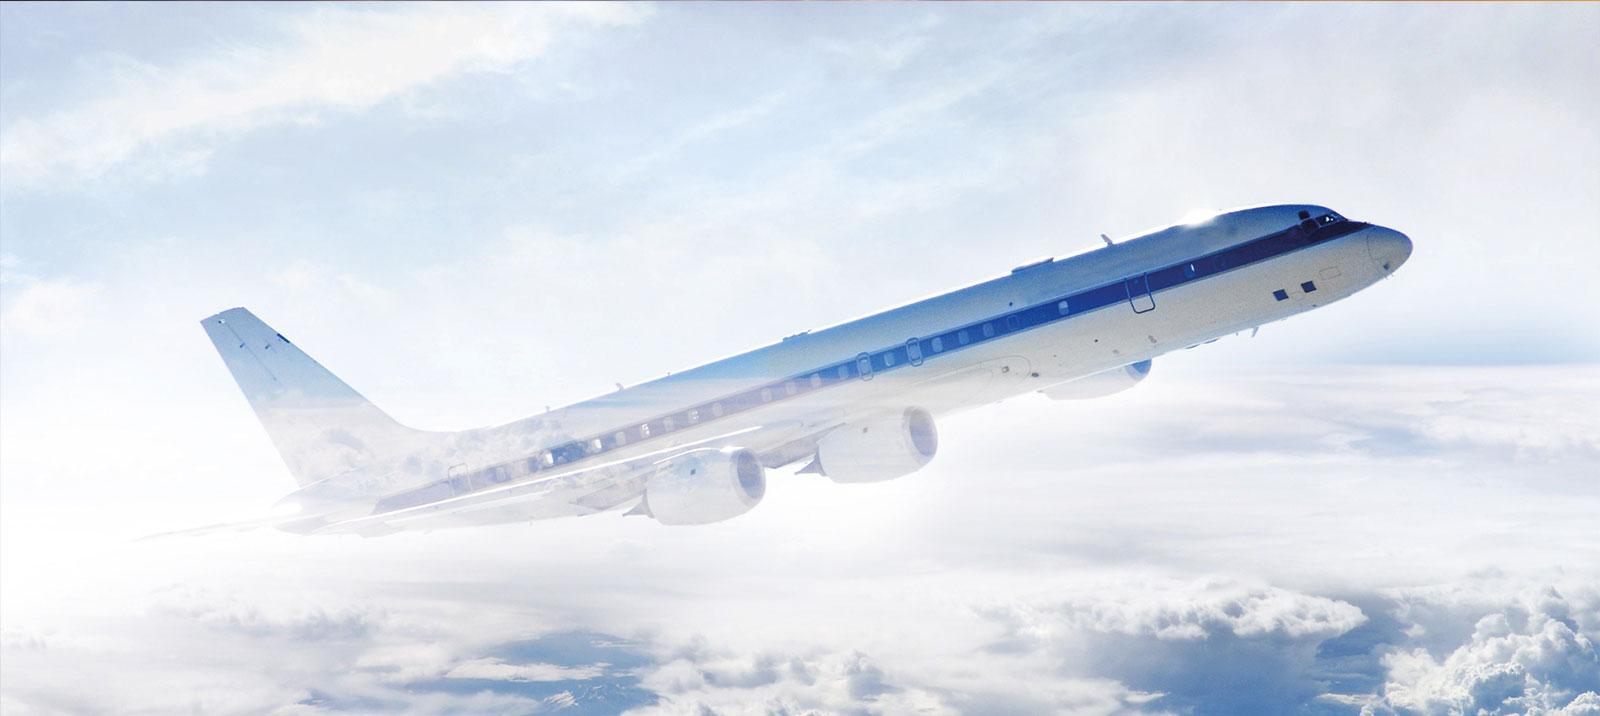 AST - Ihre Internationale Spedition aus Frankfurt I Direkt am Flughafen!